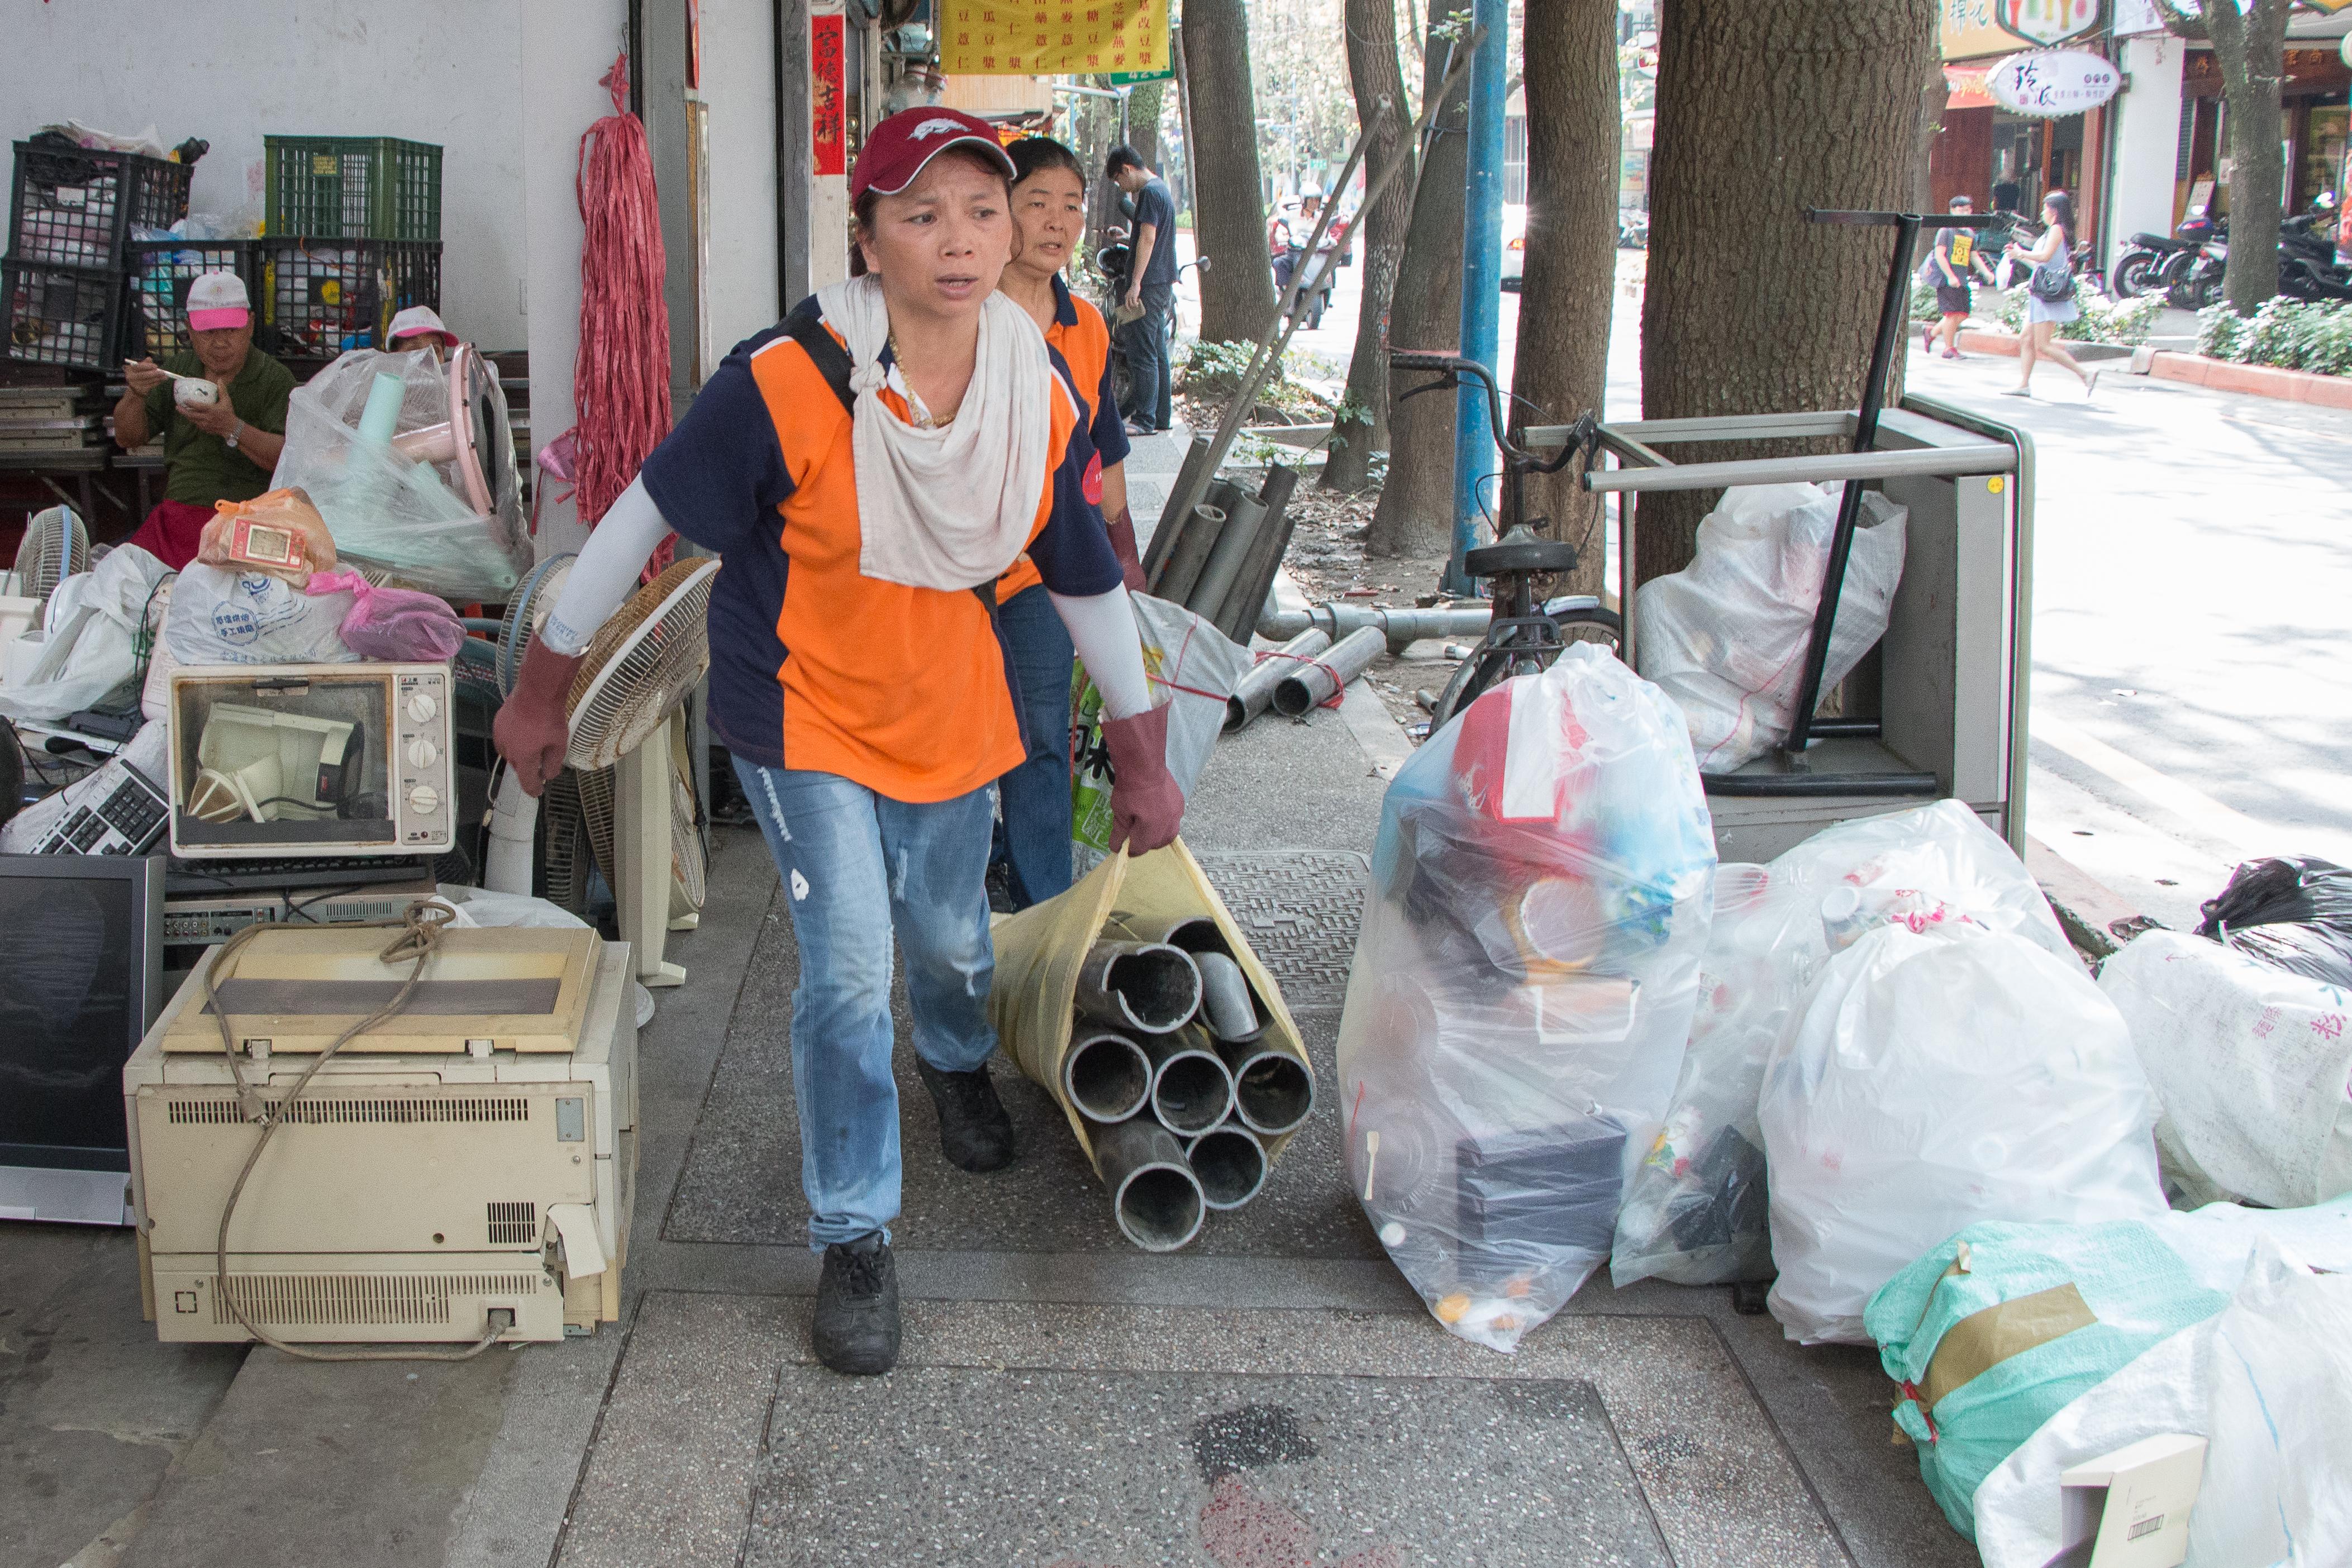 這些志工犧牲假日,到里辦公處做回收,卻也樂此不疲。攝影/李振均